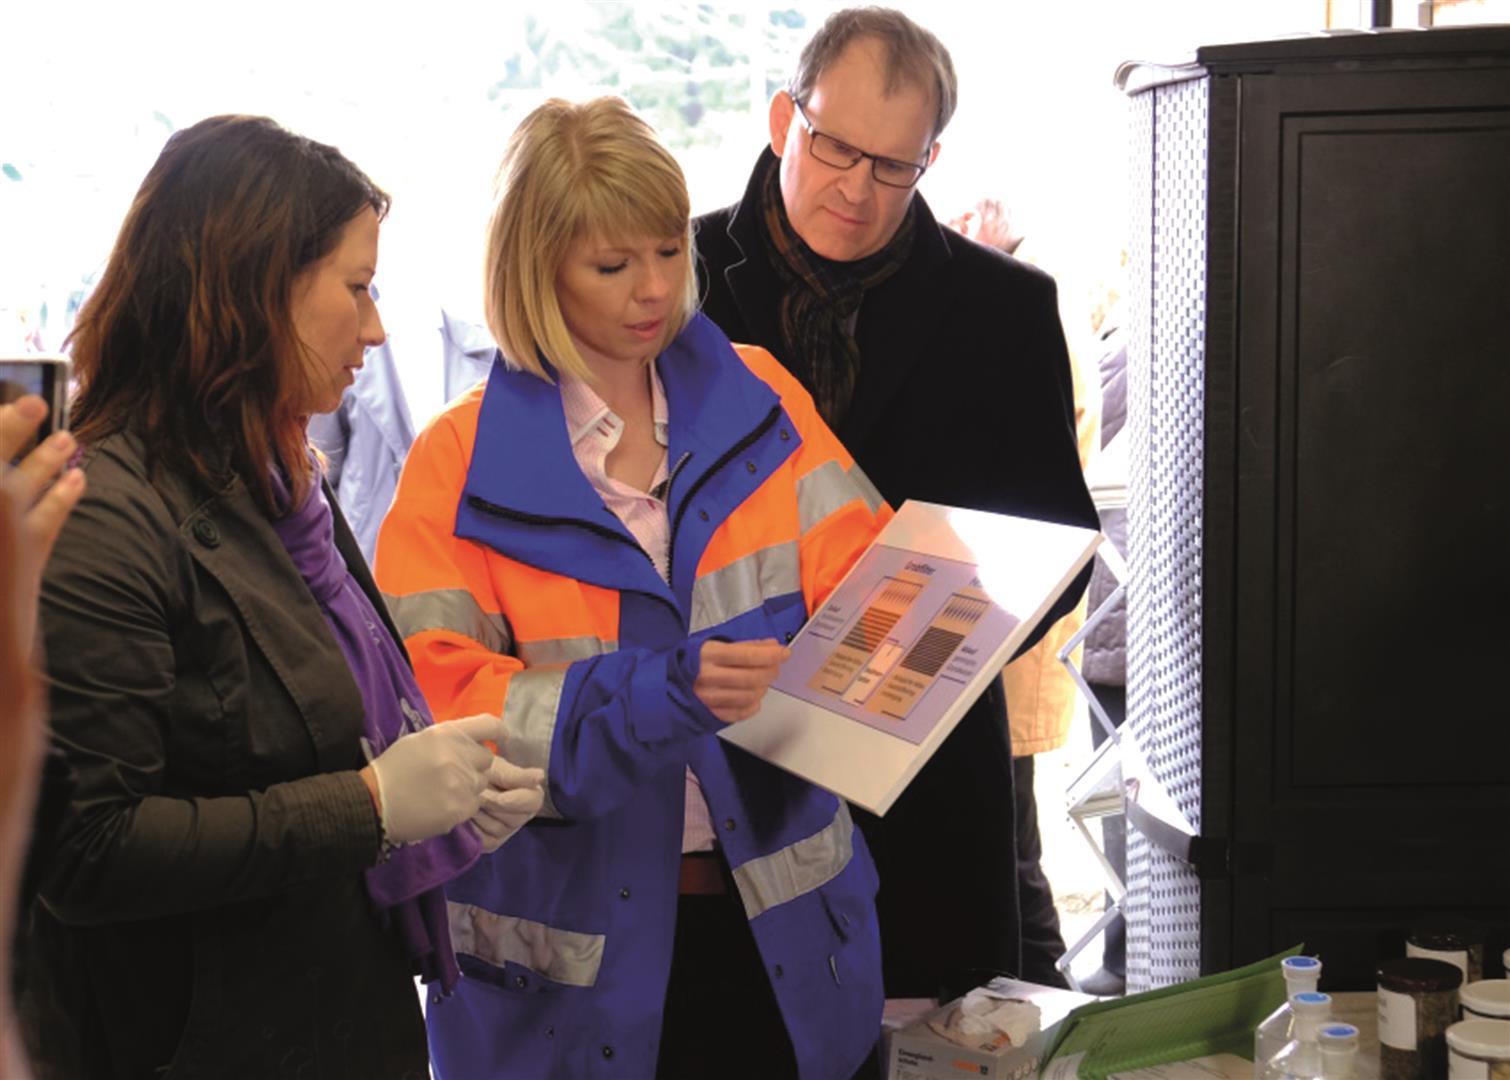 Ministerien Anja Siegesmund (li.) ließ sich von Projektleiterin Stefanie Apelt (Mitte) das Funktionsprinzip der Anlage – ein Bio-Vertikalfiltersystem – erklären. Bild: © BAUER Gruppe